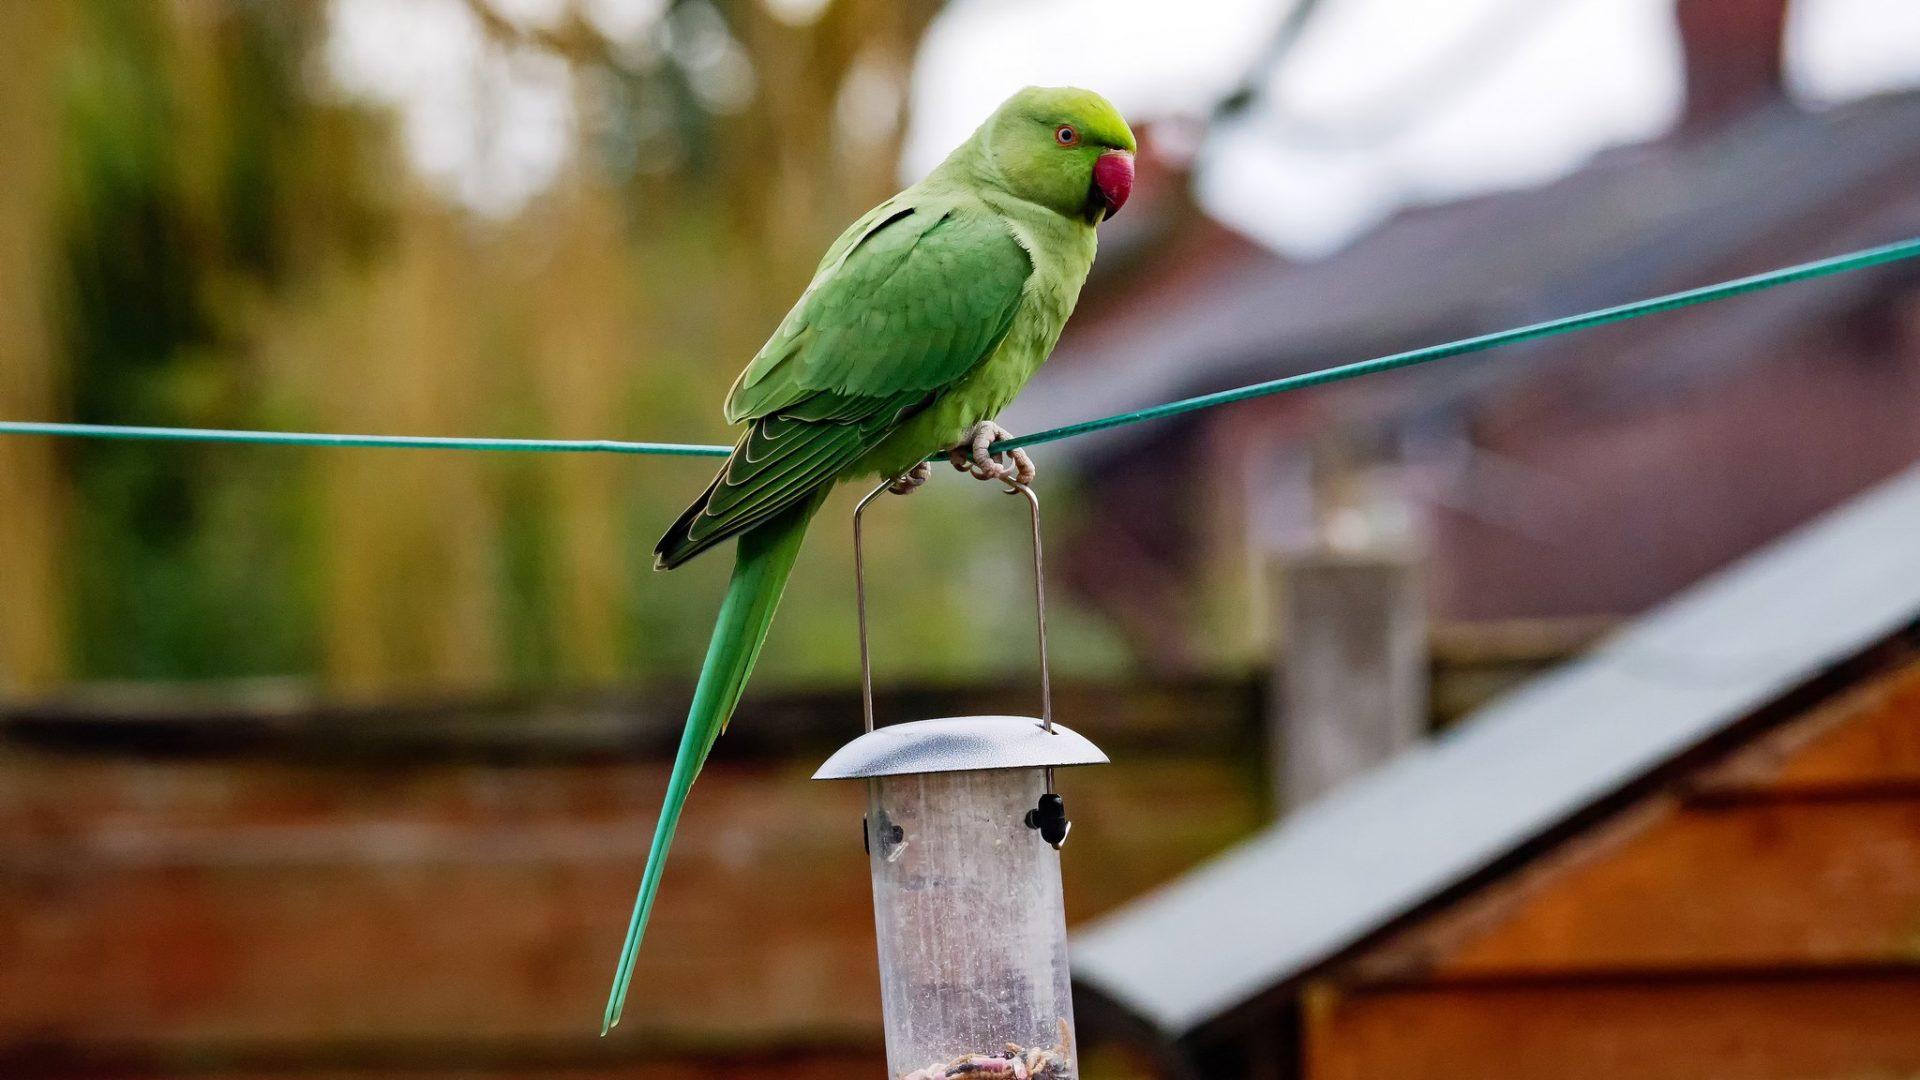 DICE talk: parakeets